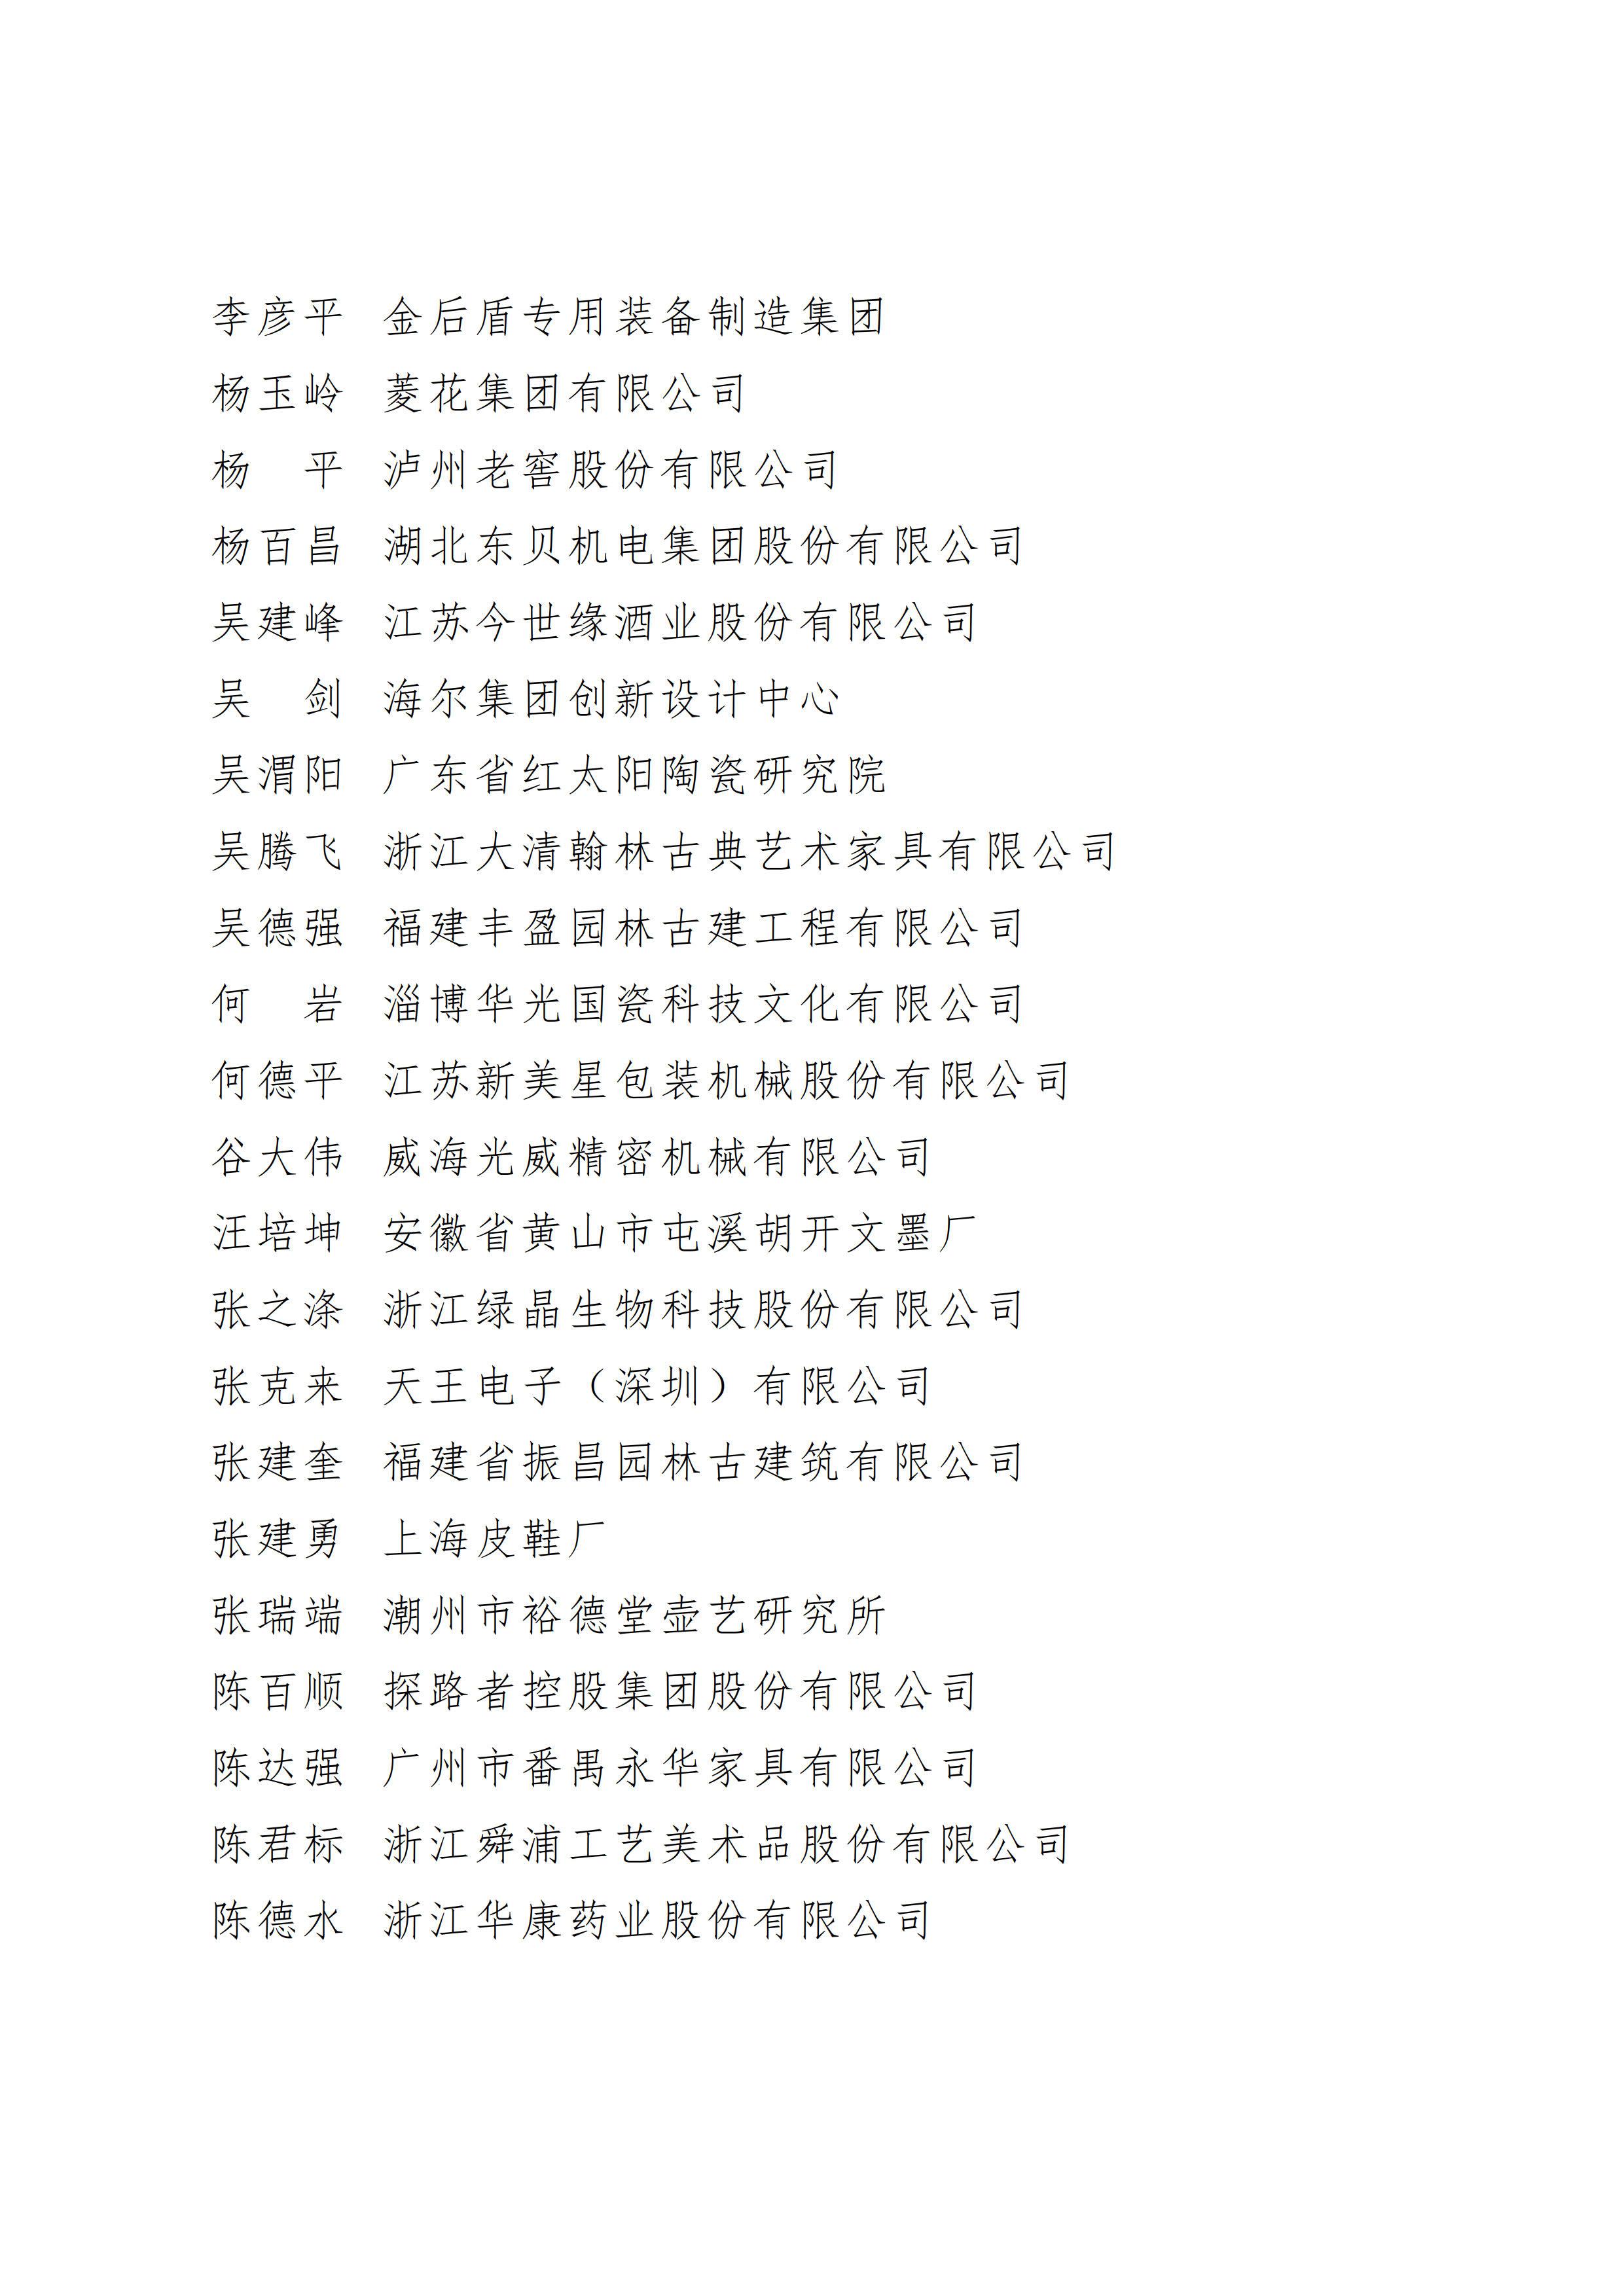 """第二届轻工""""大国工匠""""名单公示(带文头)(仿宋)_3.jpg"""